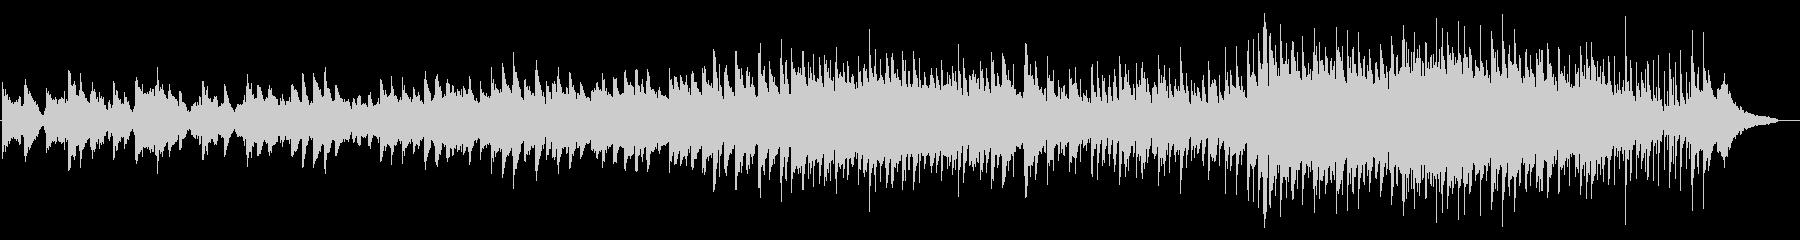 フルートとピアノが奏でるバラードの未再生の波形